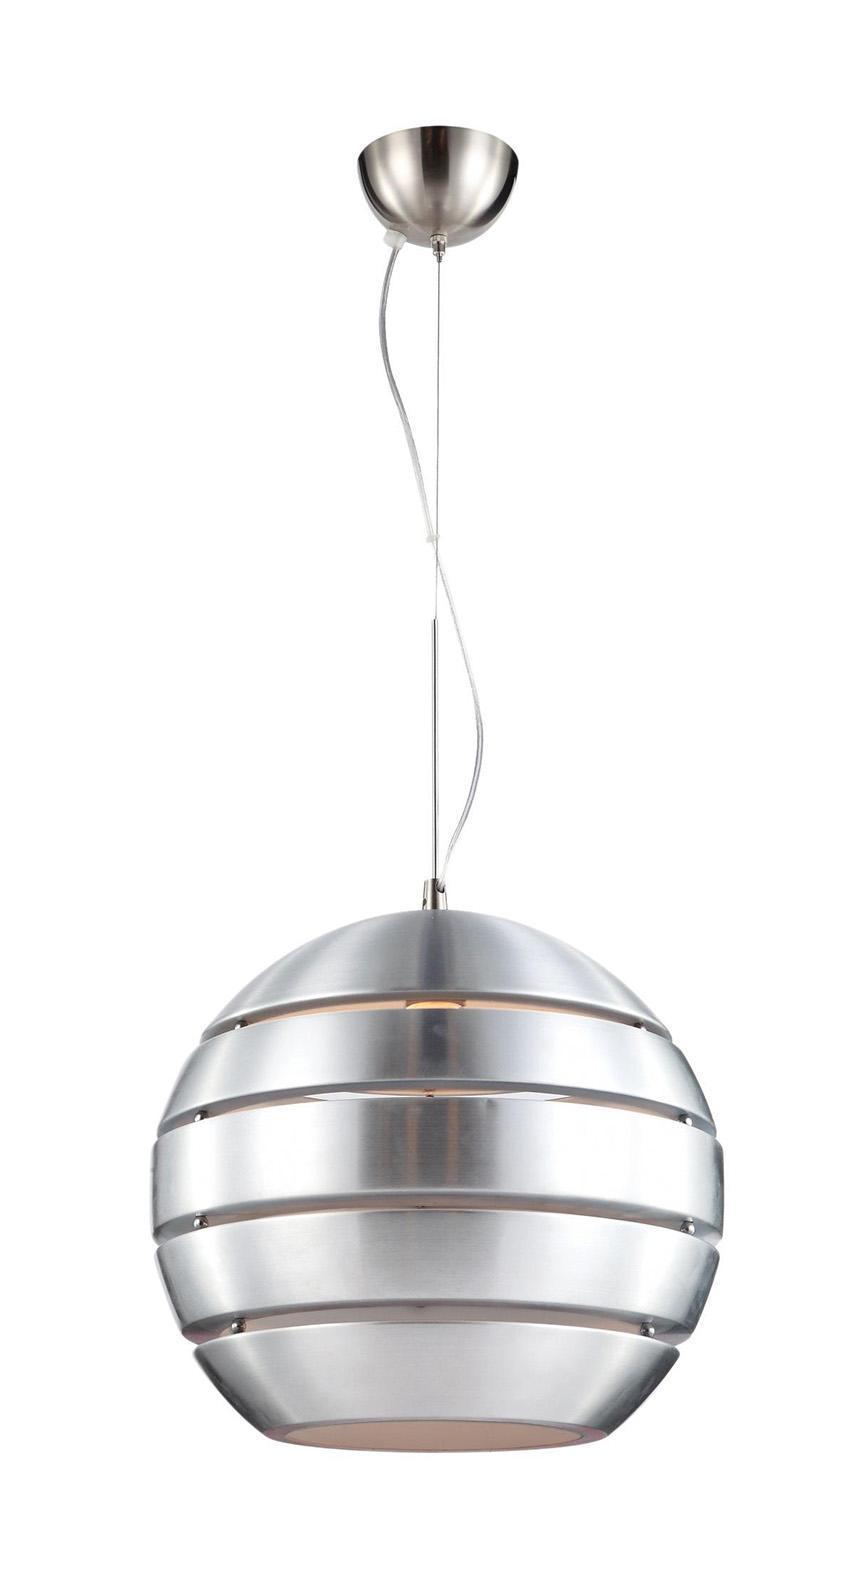 Светильник подвесной Arte lamp A3055sp-1ss торшер 43 a2054pn 1ss arte lamp 1176958